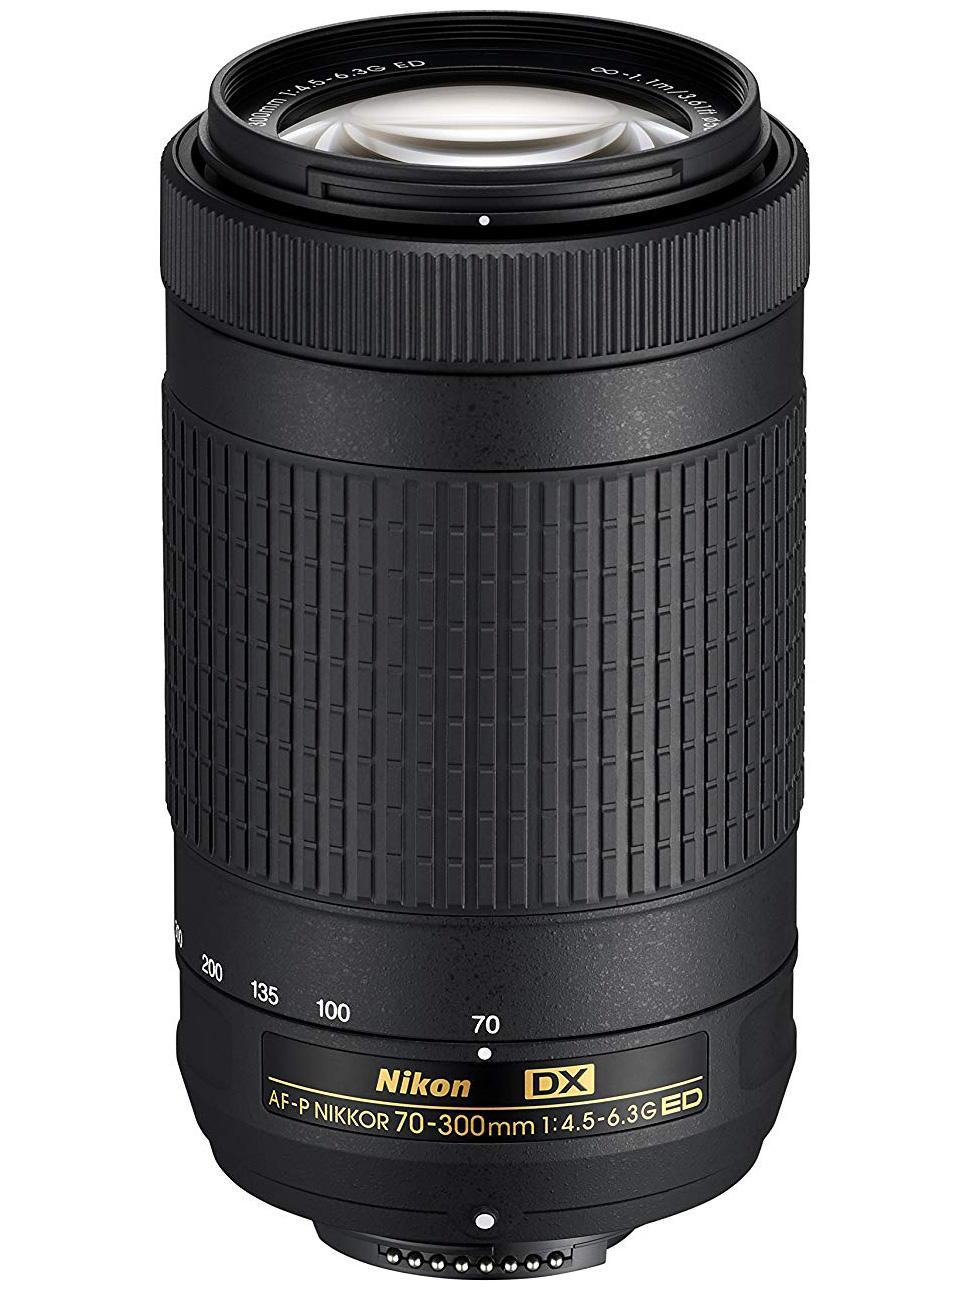 Nikon AF-S DX NIKKOR 70-300mm f4.5-6.3G ED